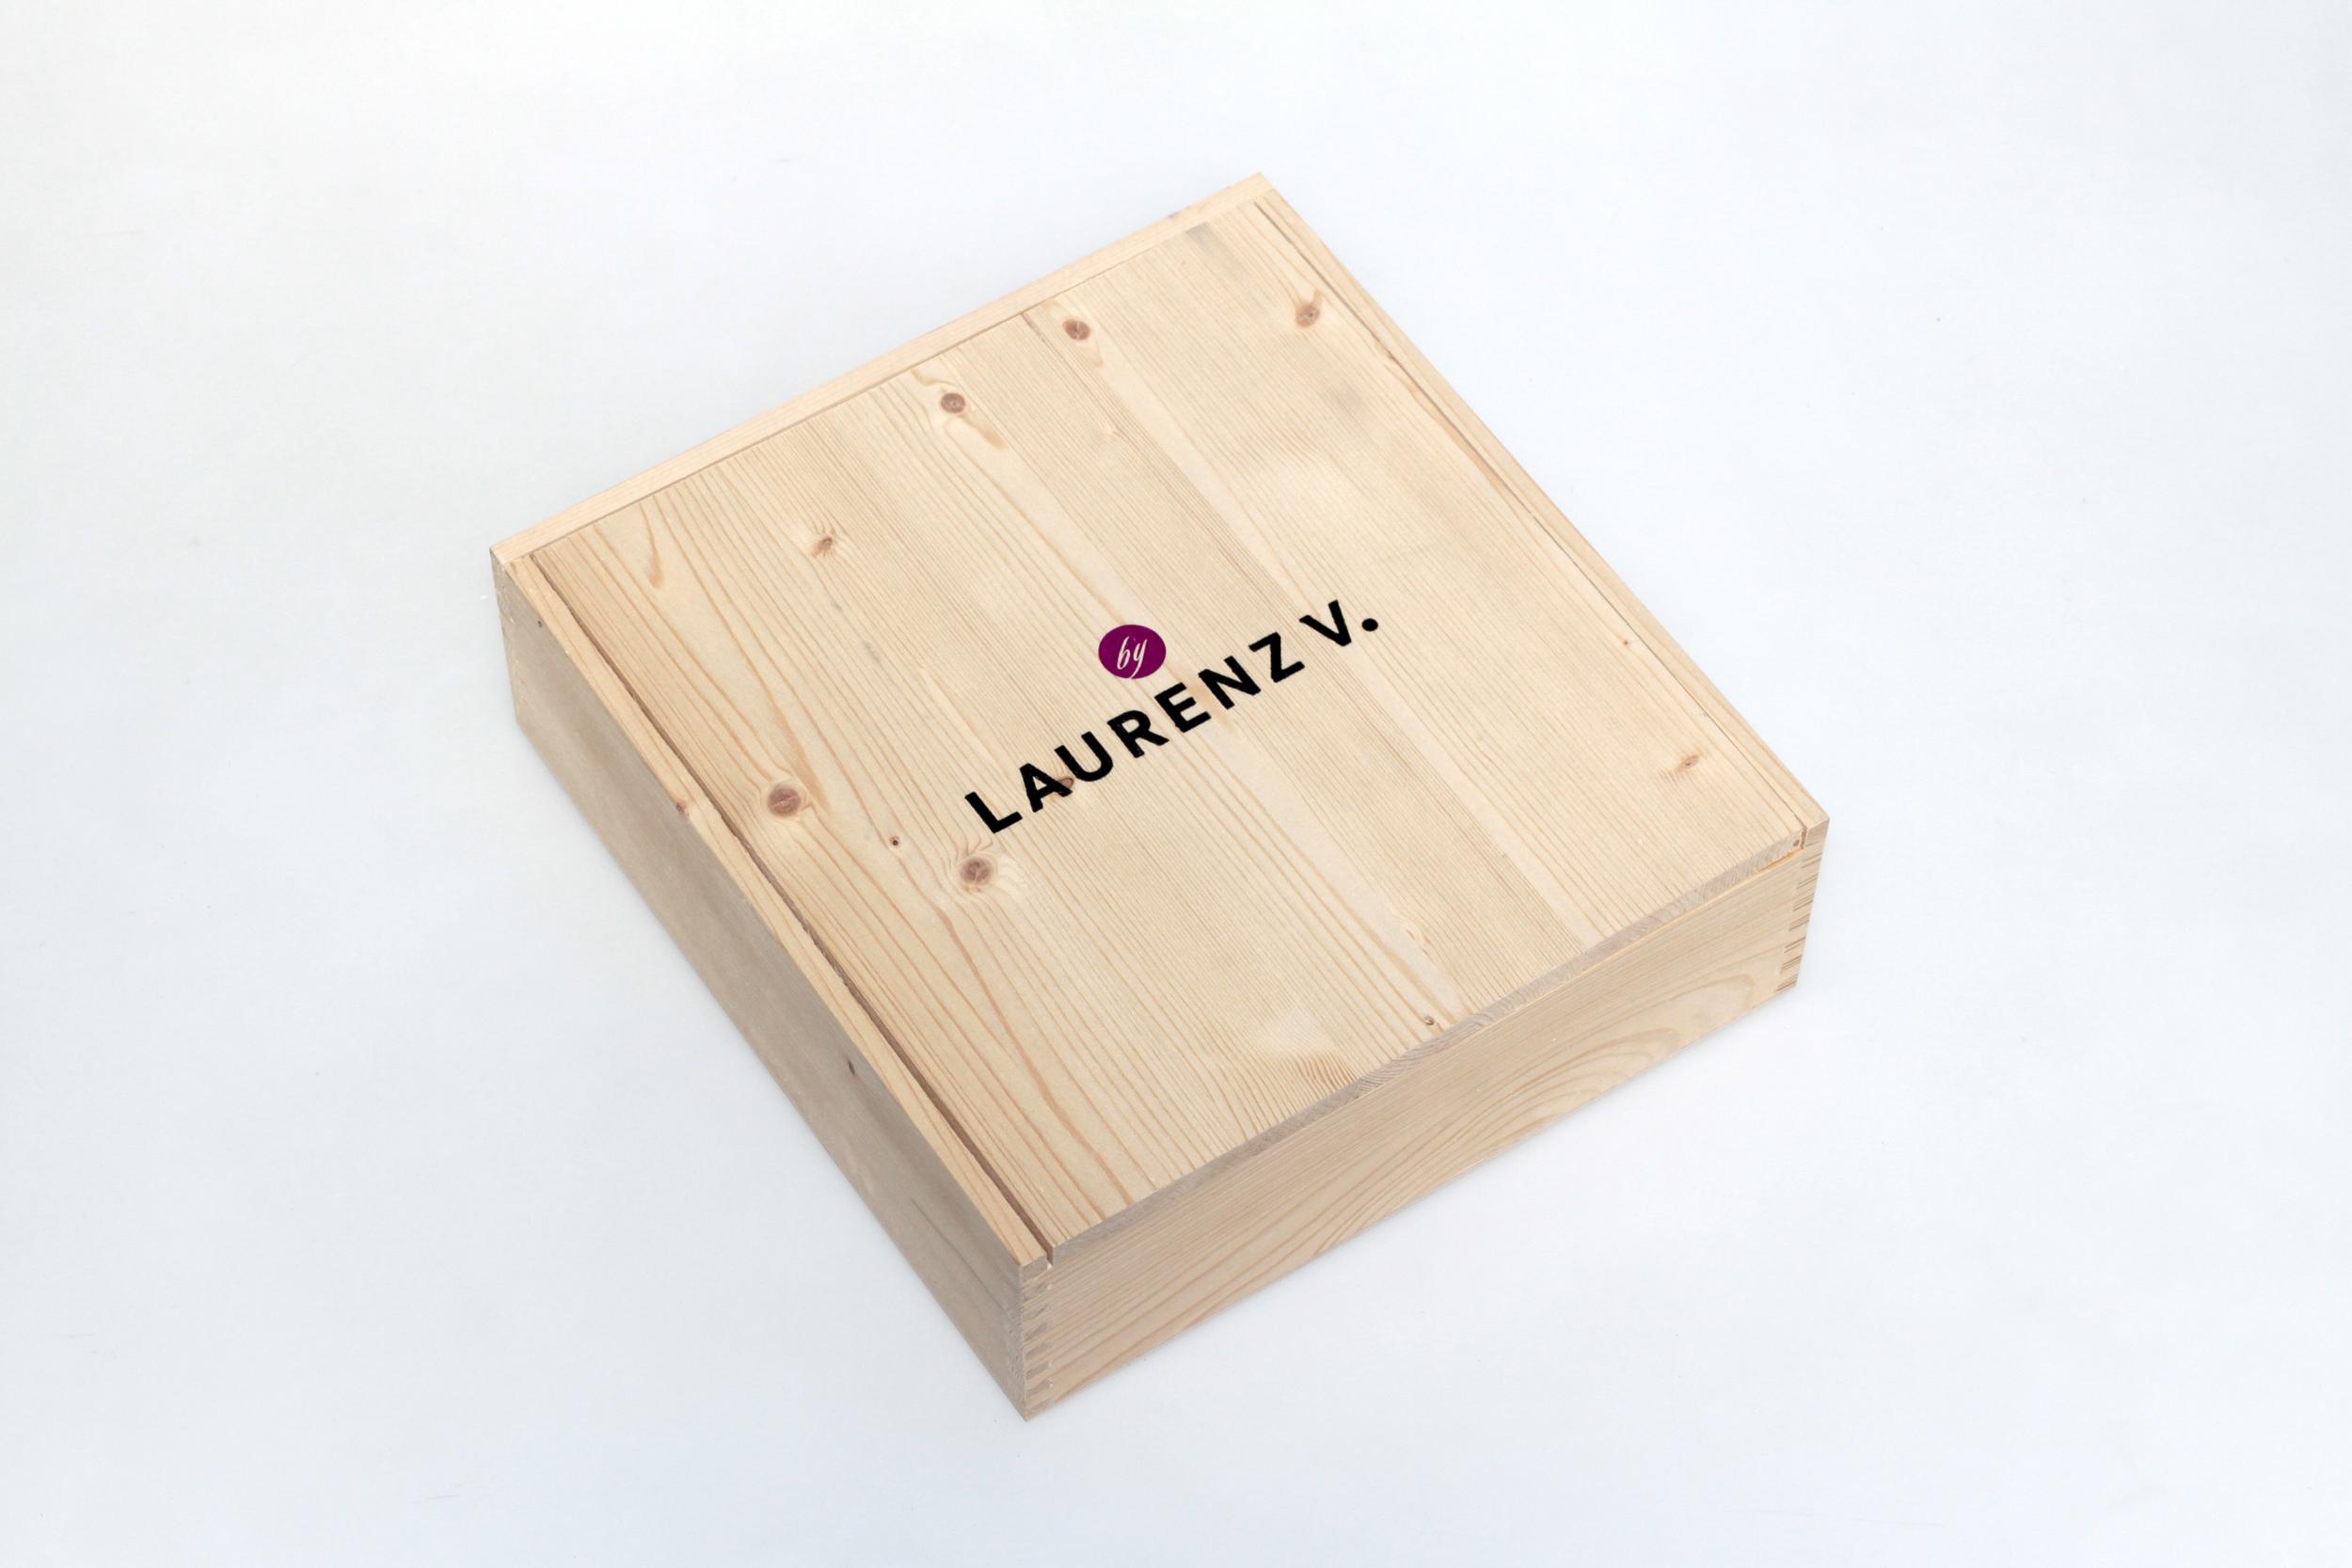 Weinverpackung mit Siebdruck